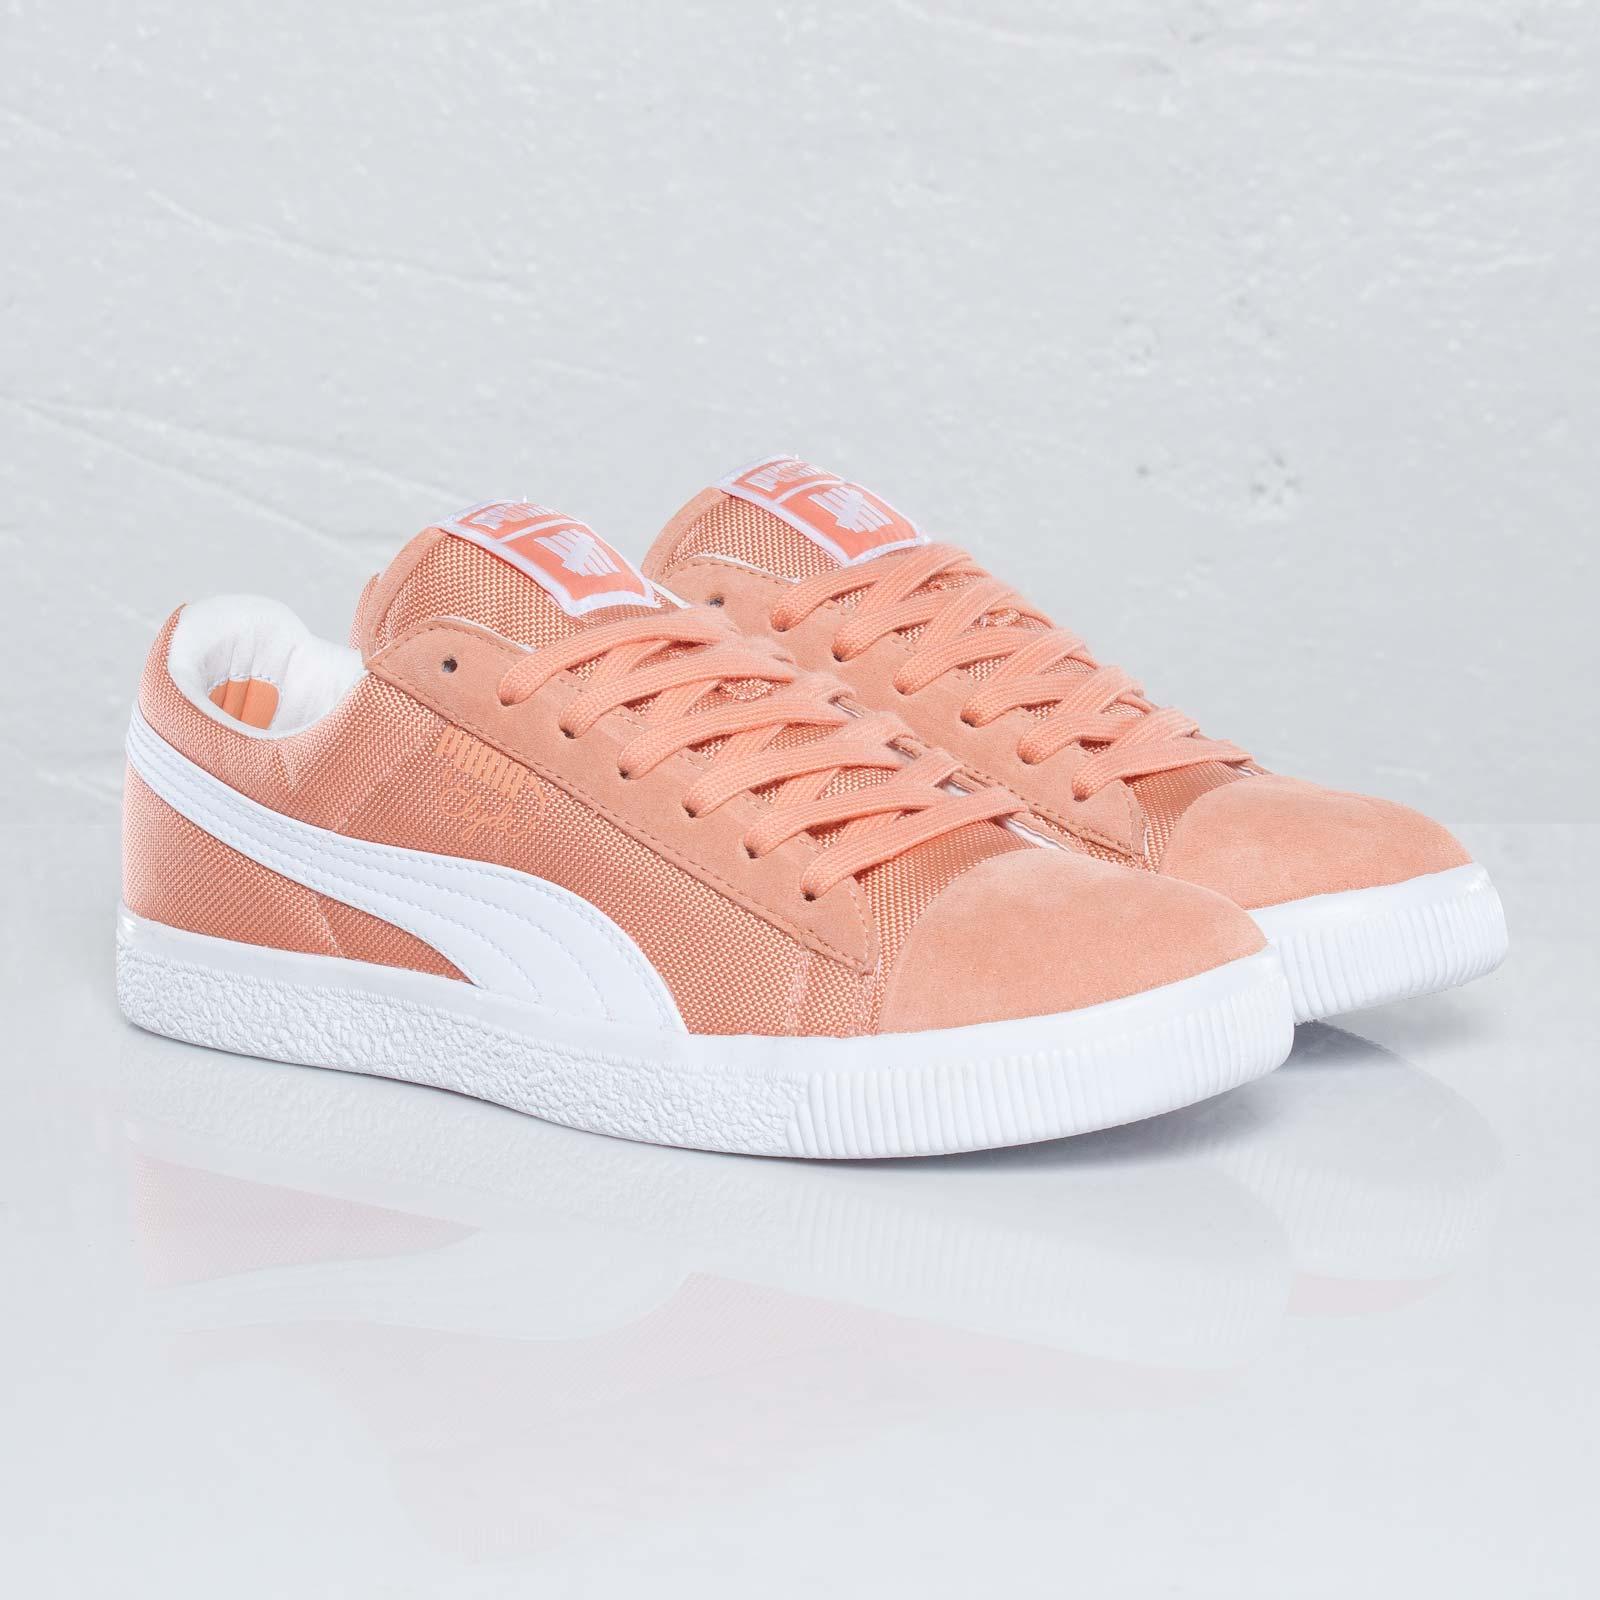 Puma Clyde x UNDFTD Ballistic CB - 109999 - Sneakersnstuff ... 0657a00d24